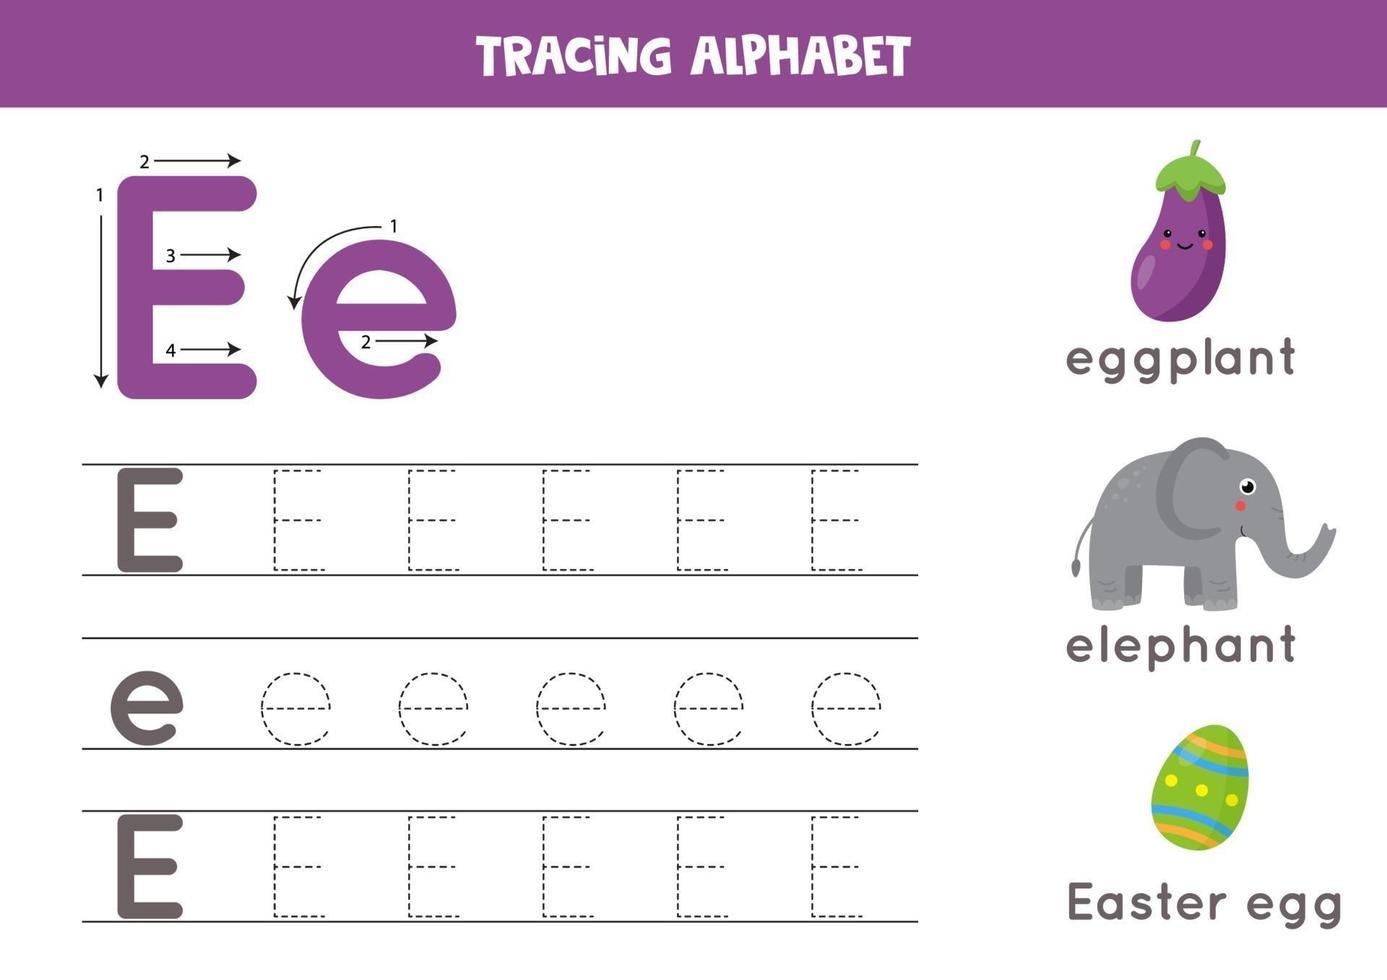 tracciando la lettera e dell'alfabeto con immagini di simpatici cartoni animati. vettore